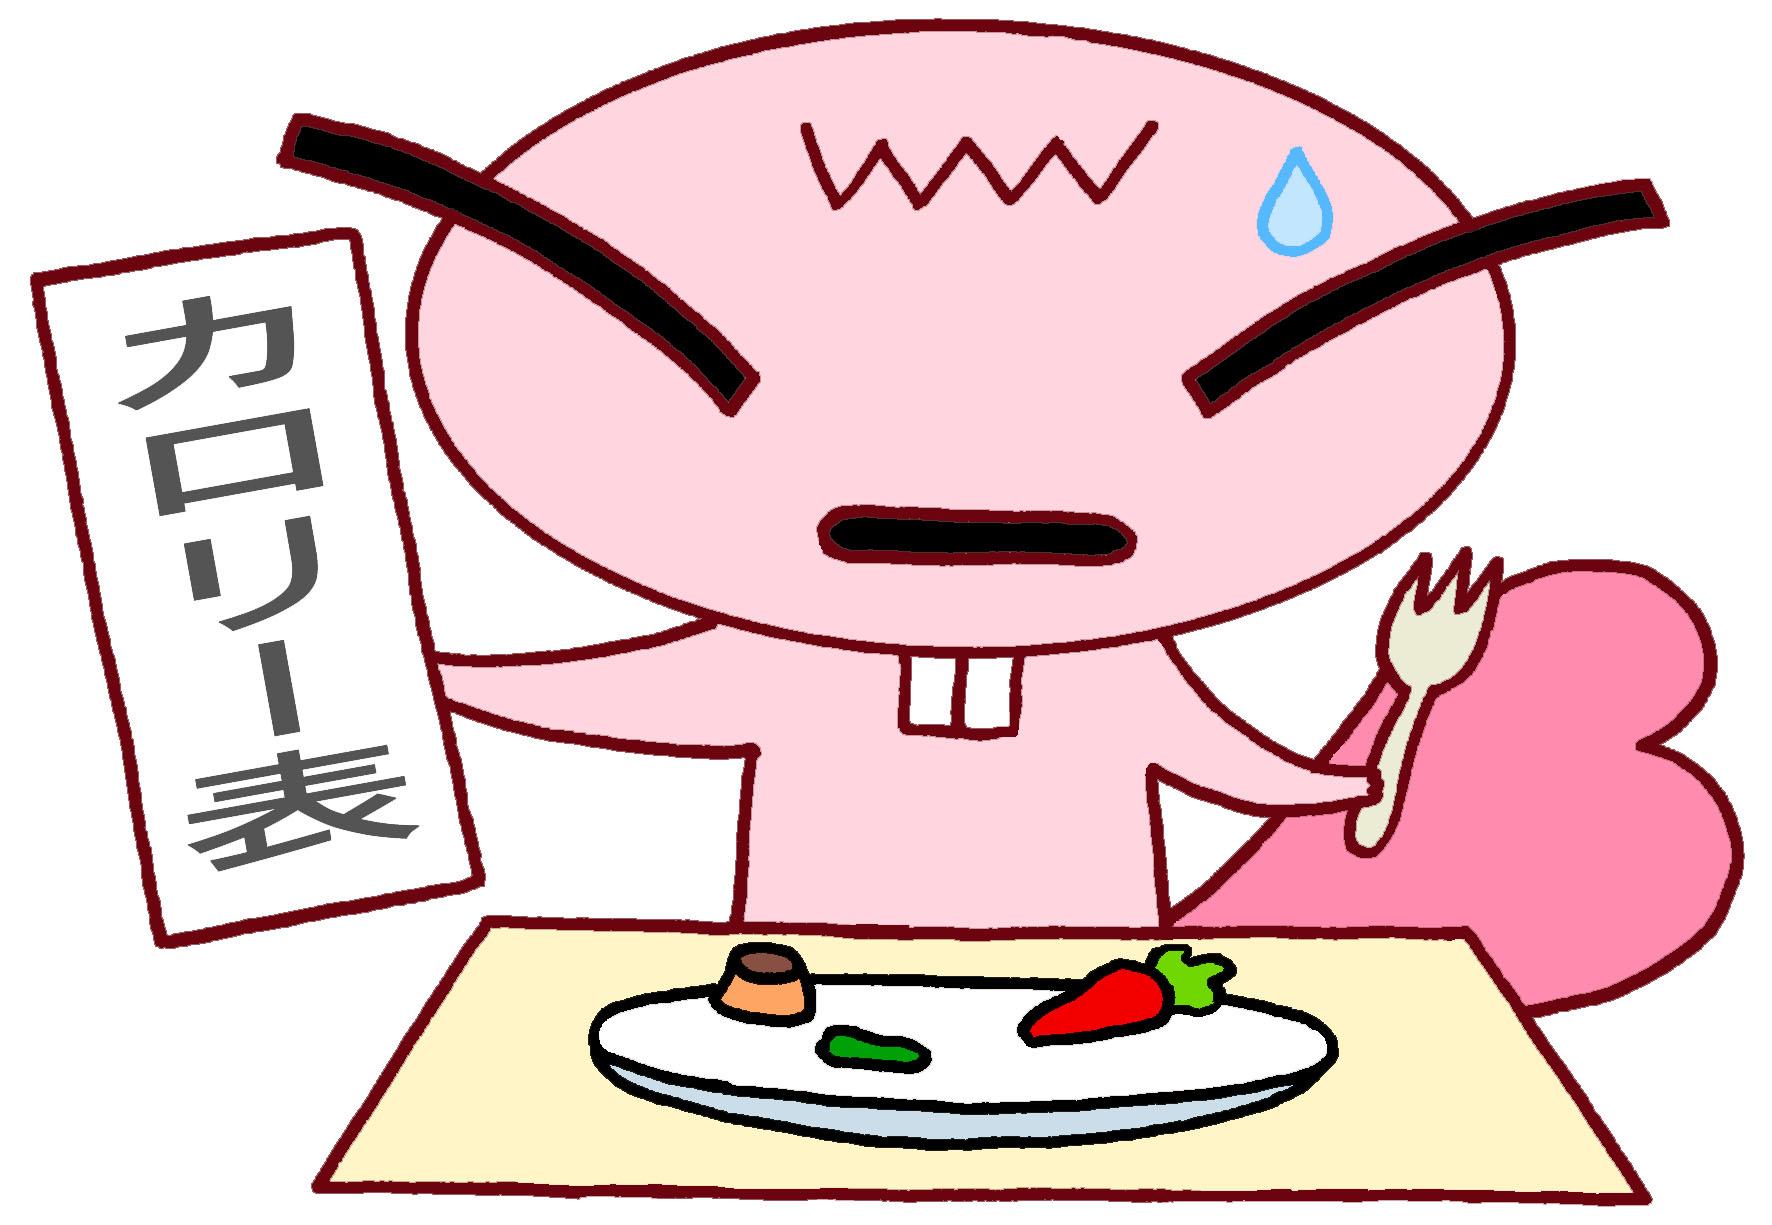 糖尿病の人に行われる栄養指導とは何?